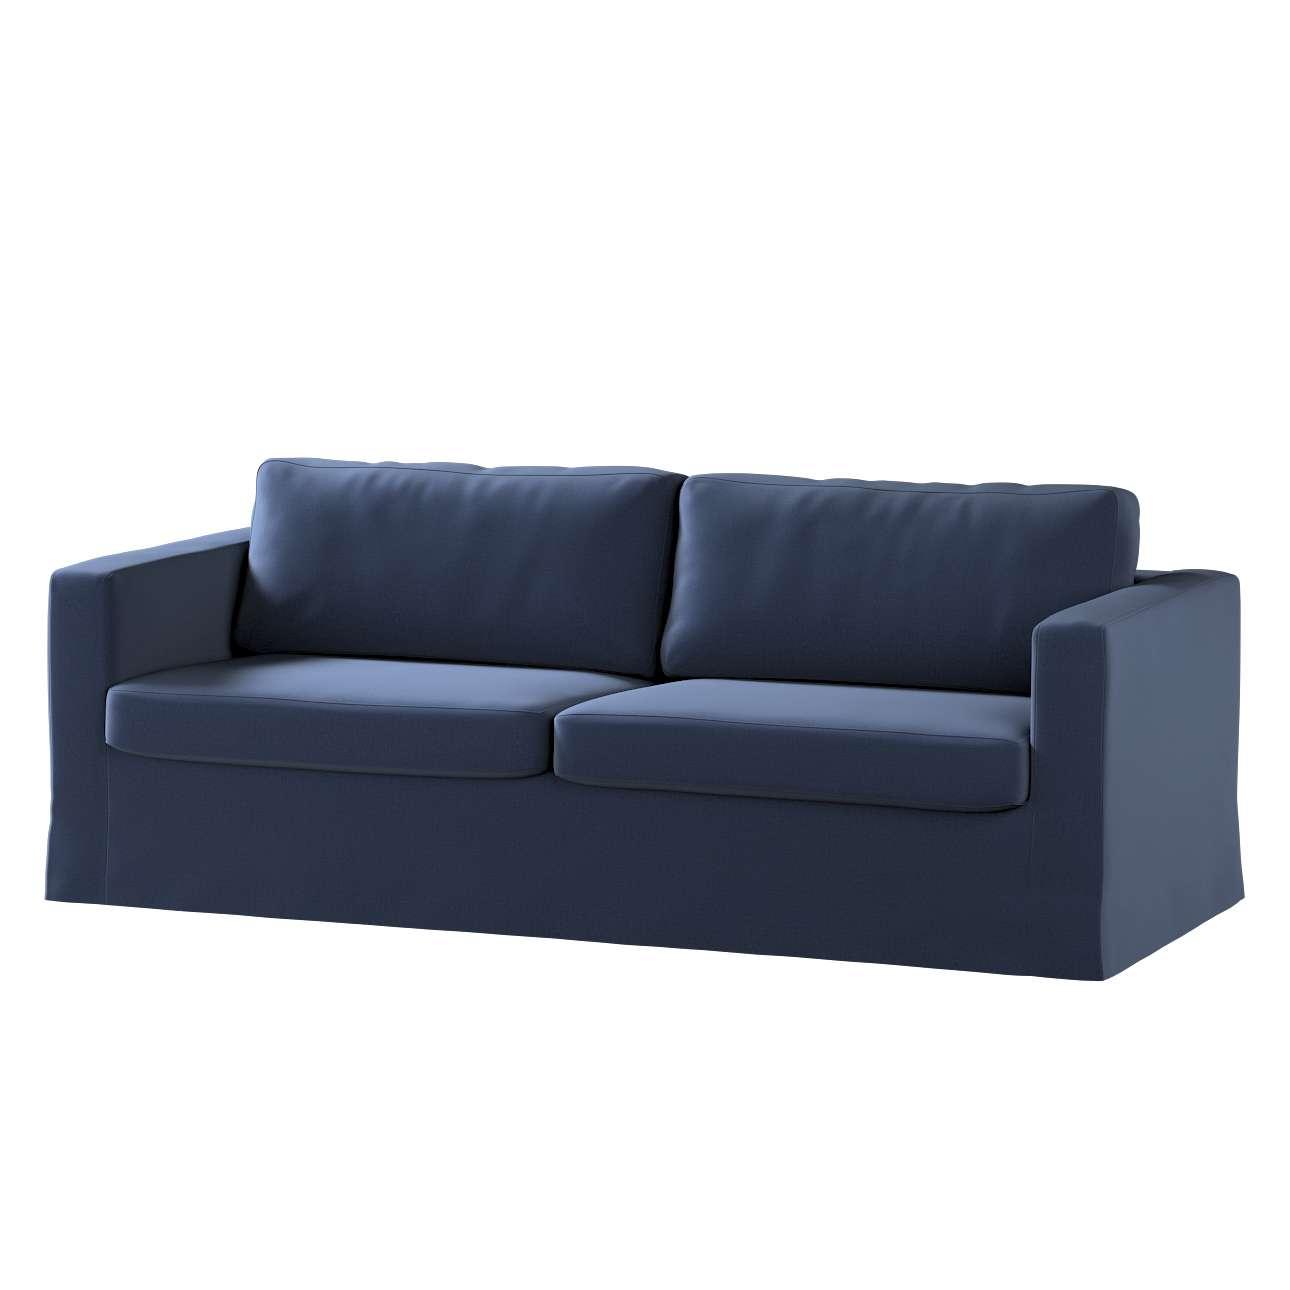 Potah na pohovku IKEA  Karlstad 3-místná, nerozkládací, dlouhý v kolekci Ingrid, látka: 705-39